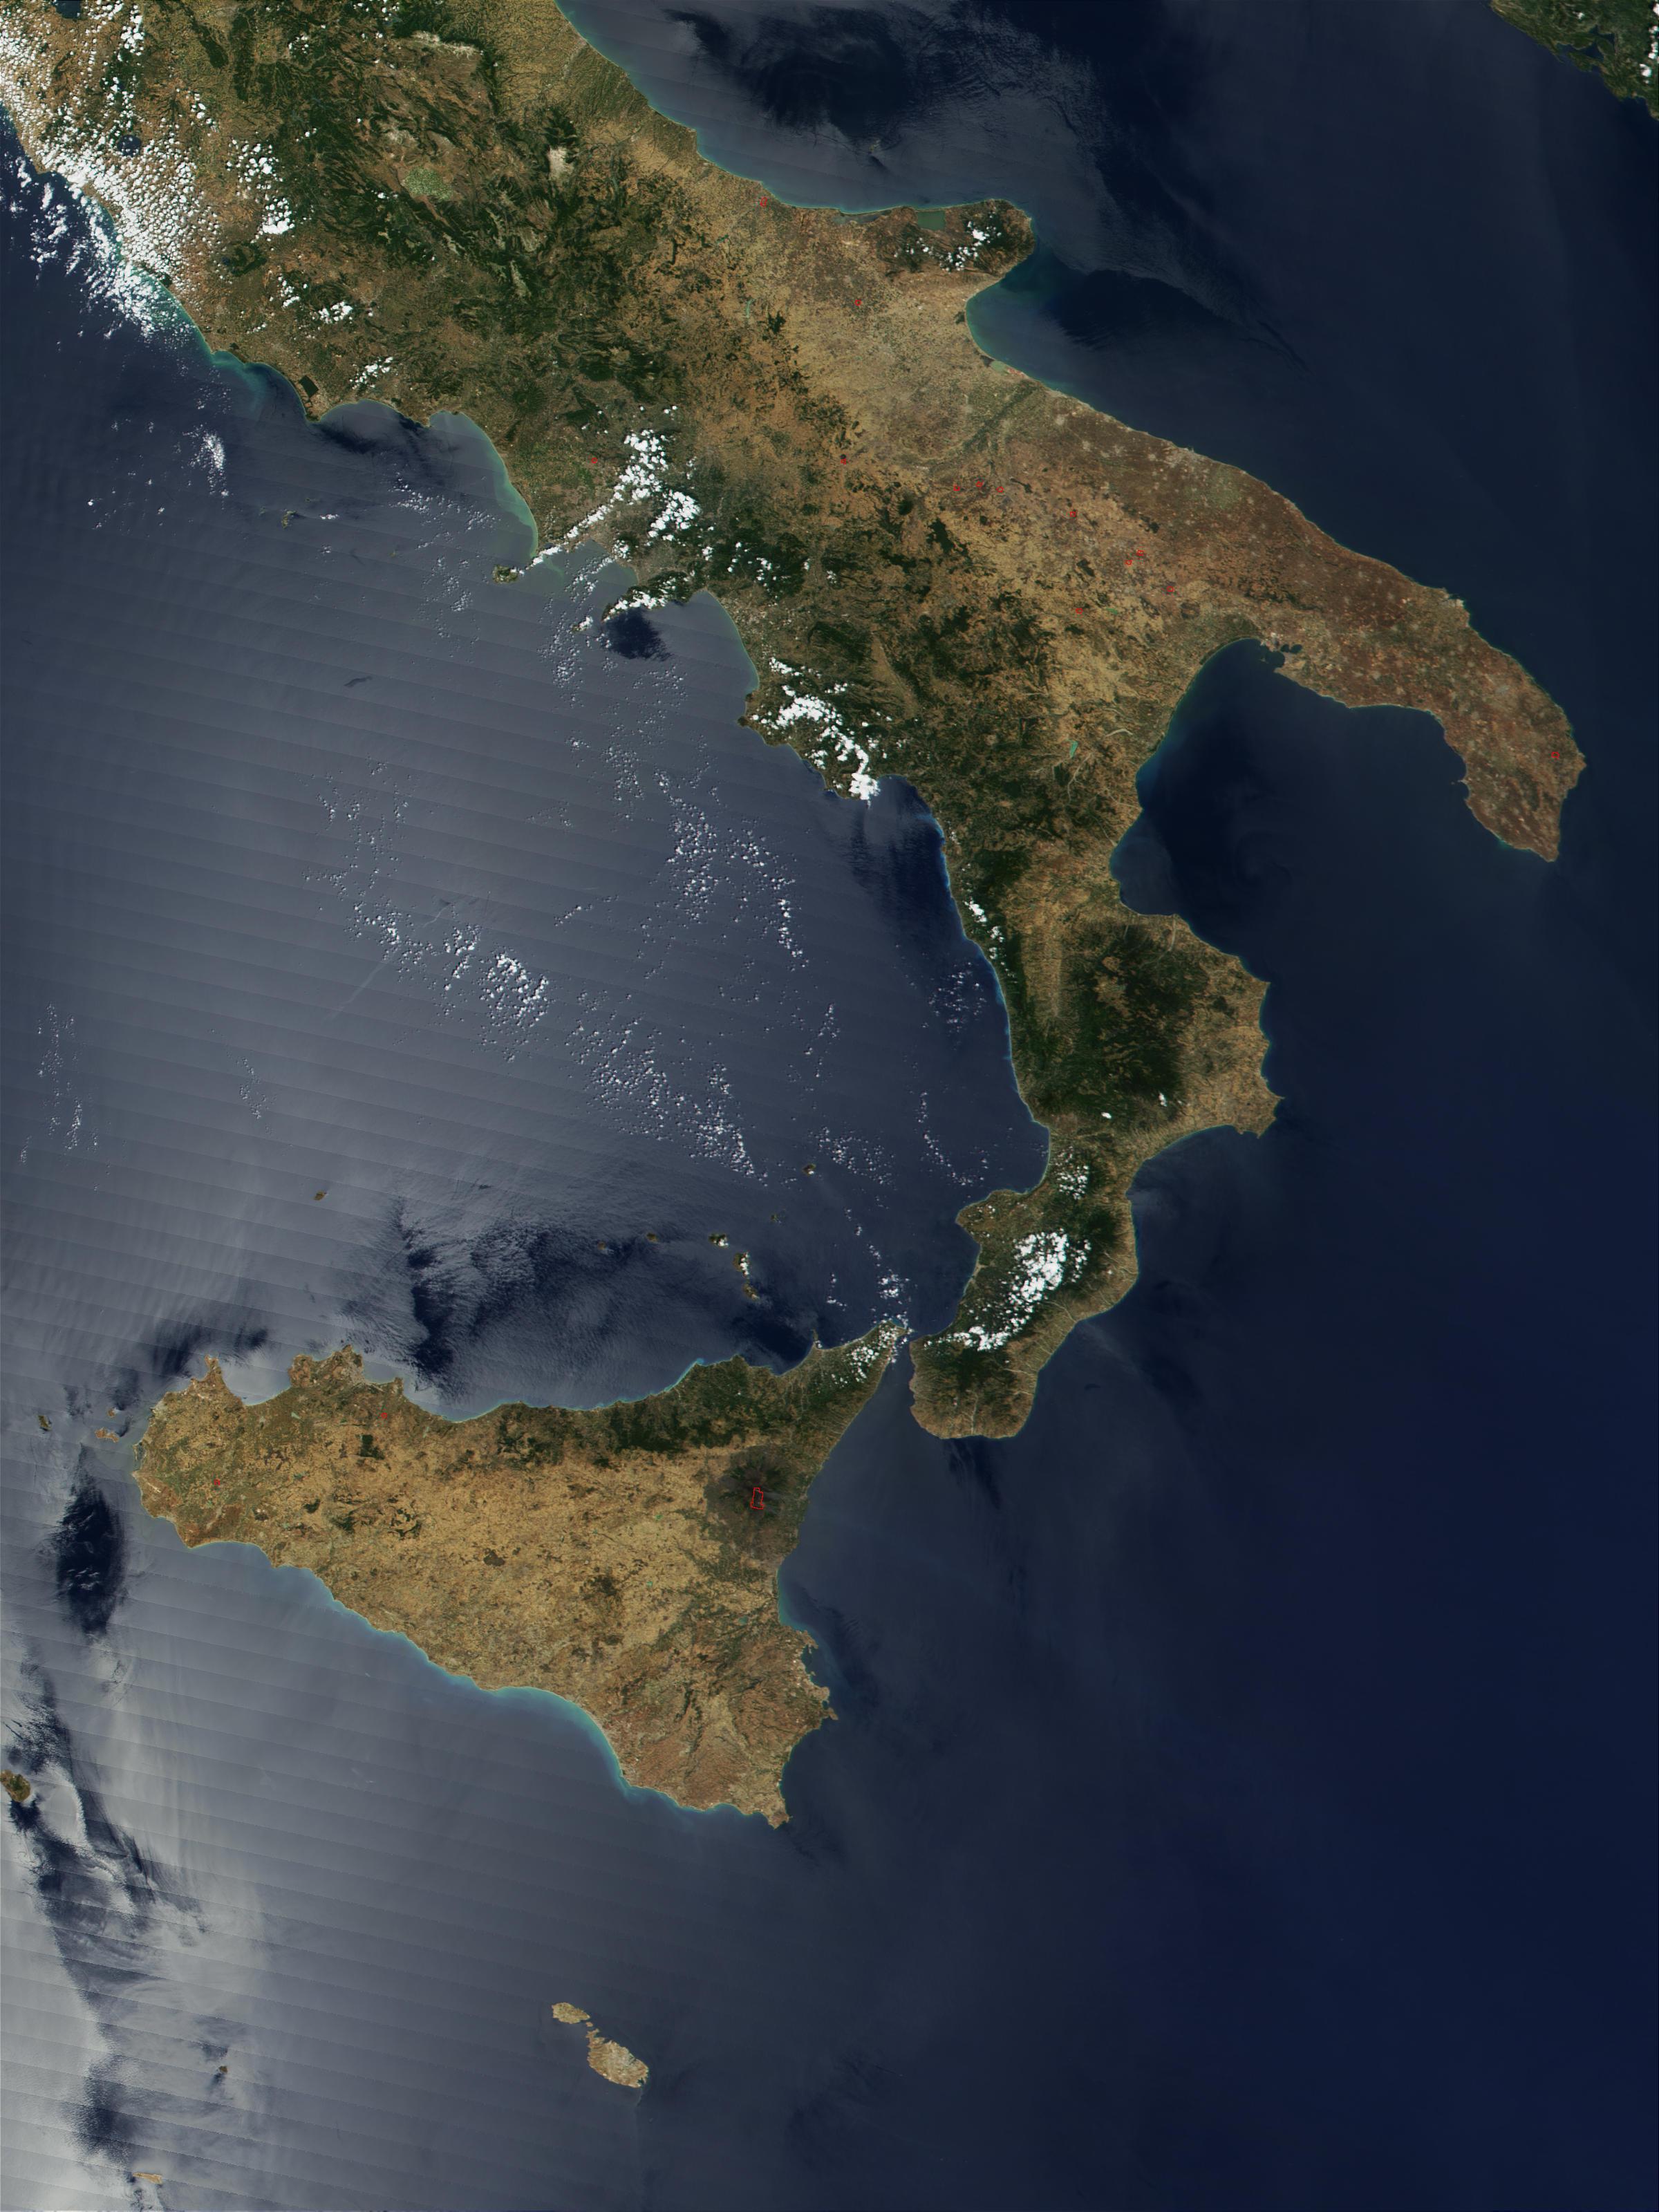 Incendios en Italia meridional, y corriente de lava del Monte Etna en Erupción en Sicilia